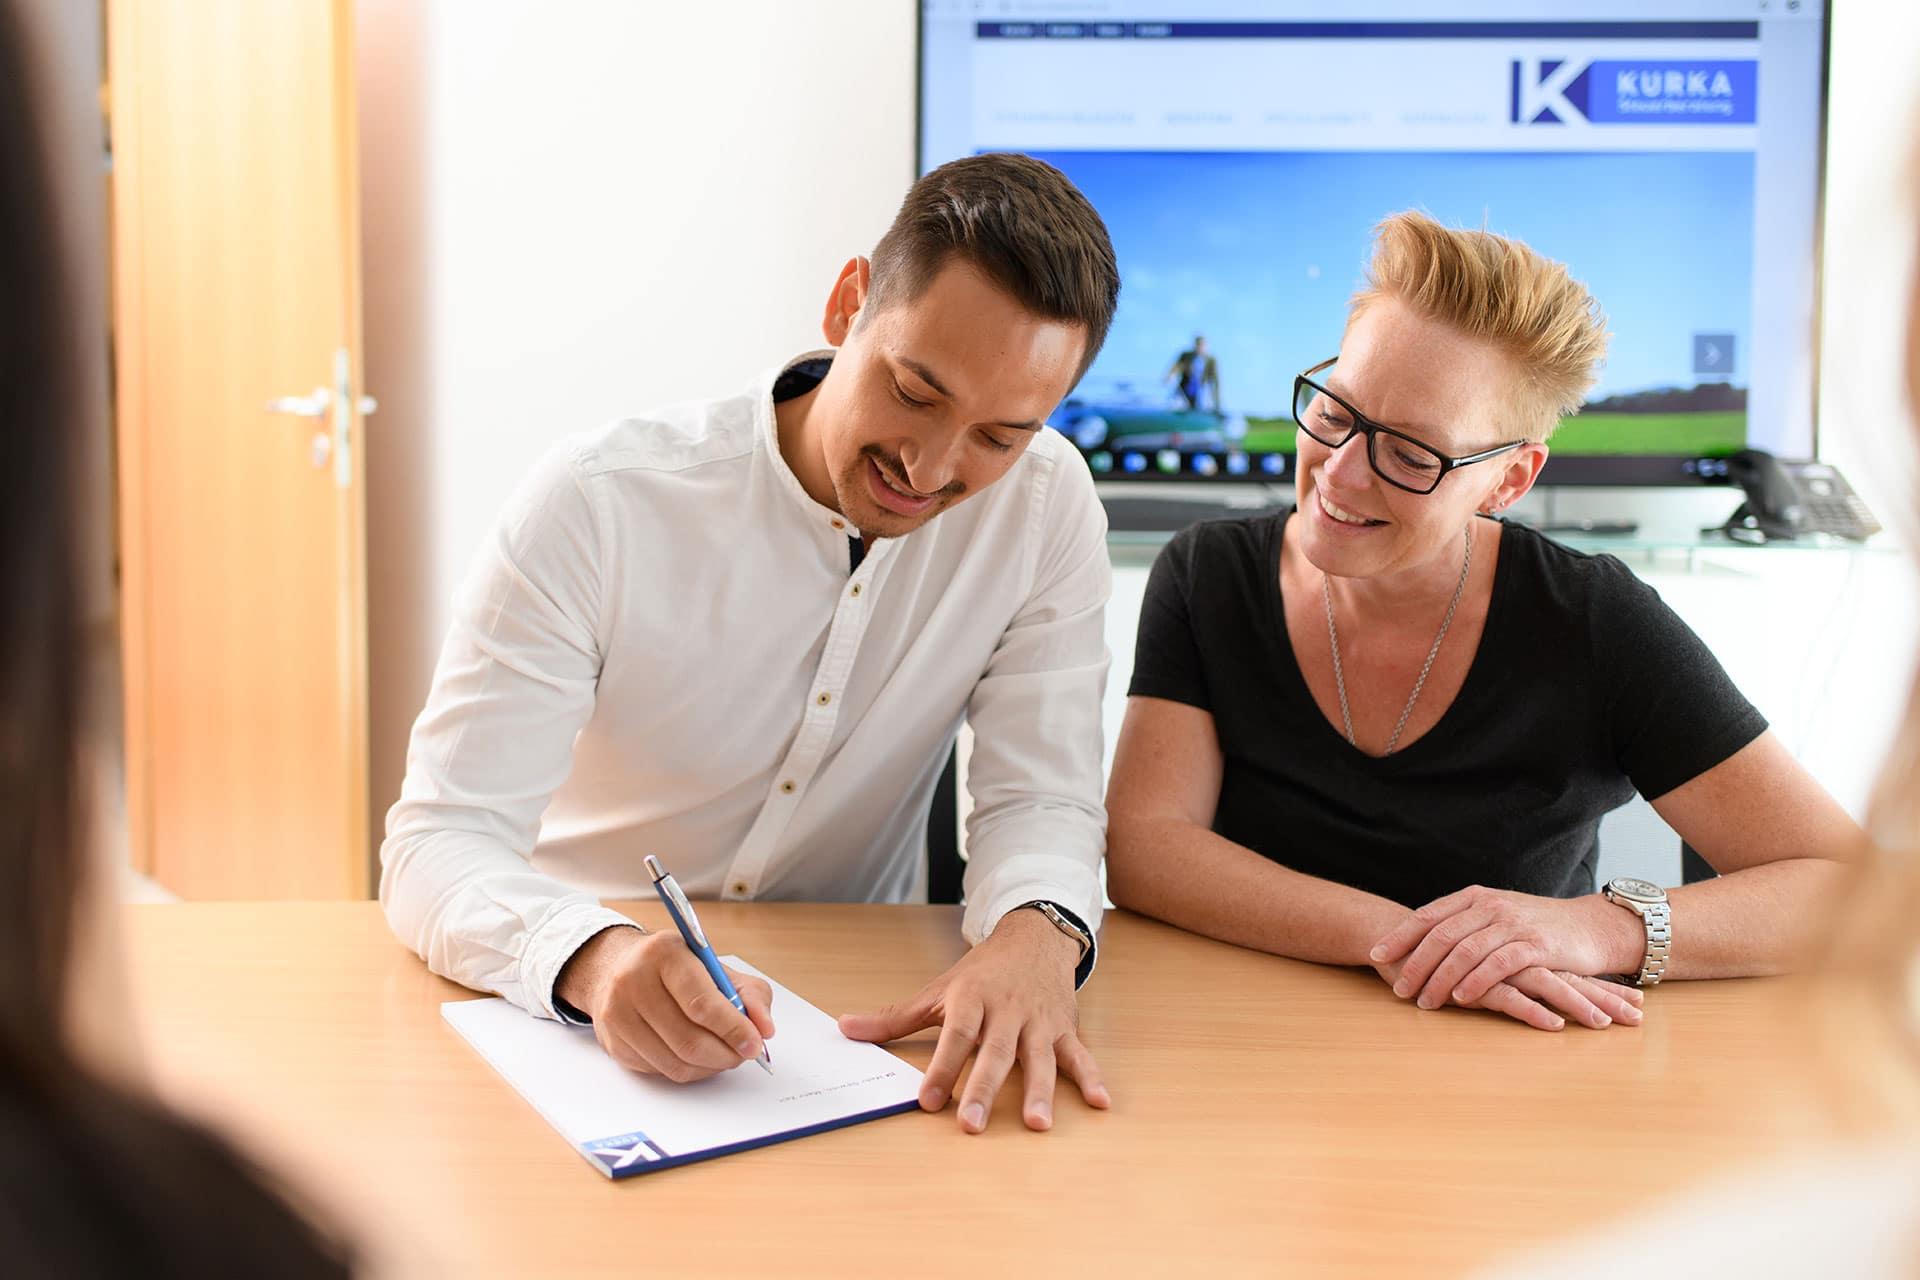 Ihr Steuerberater in Frankfurt und Weinheim: Bilanzbuchhalter bei Kurka Heike Reinhard-Frank und Betriebswirt Jens Hocke